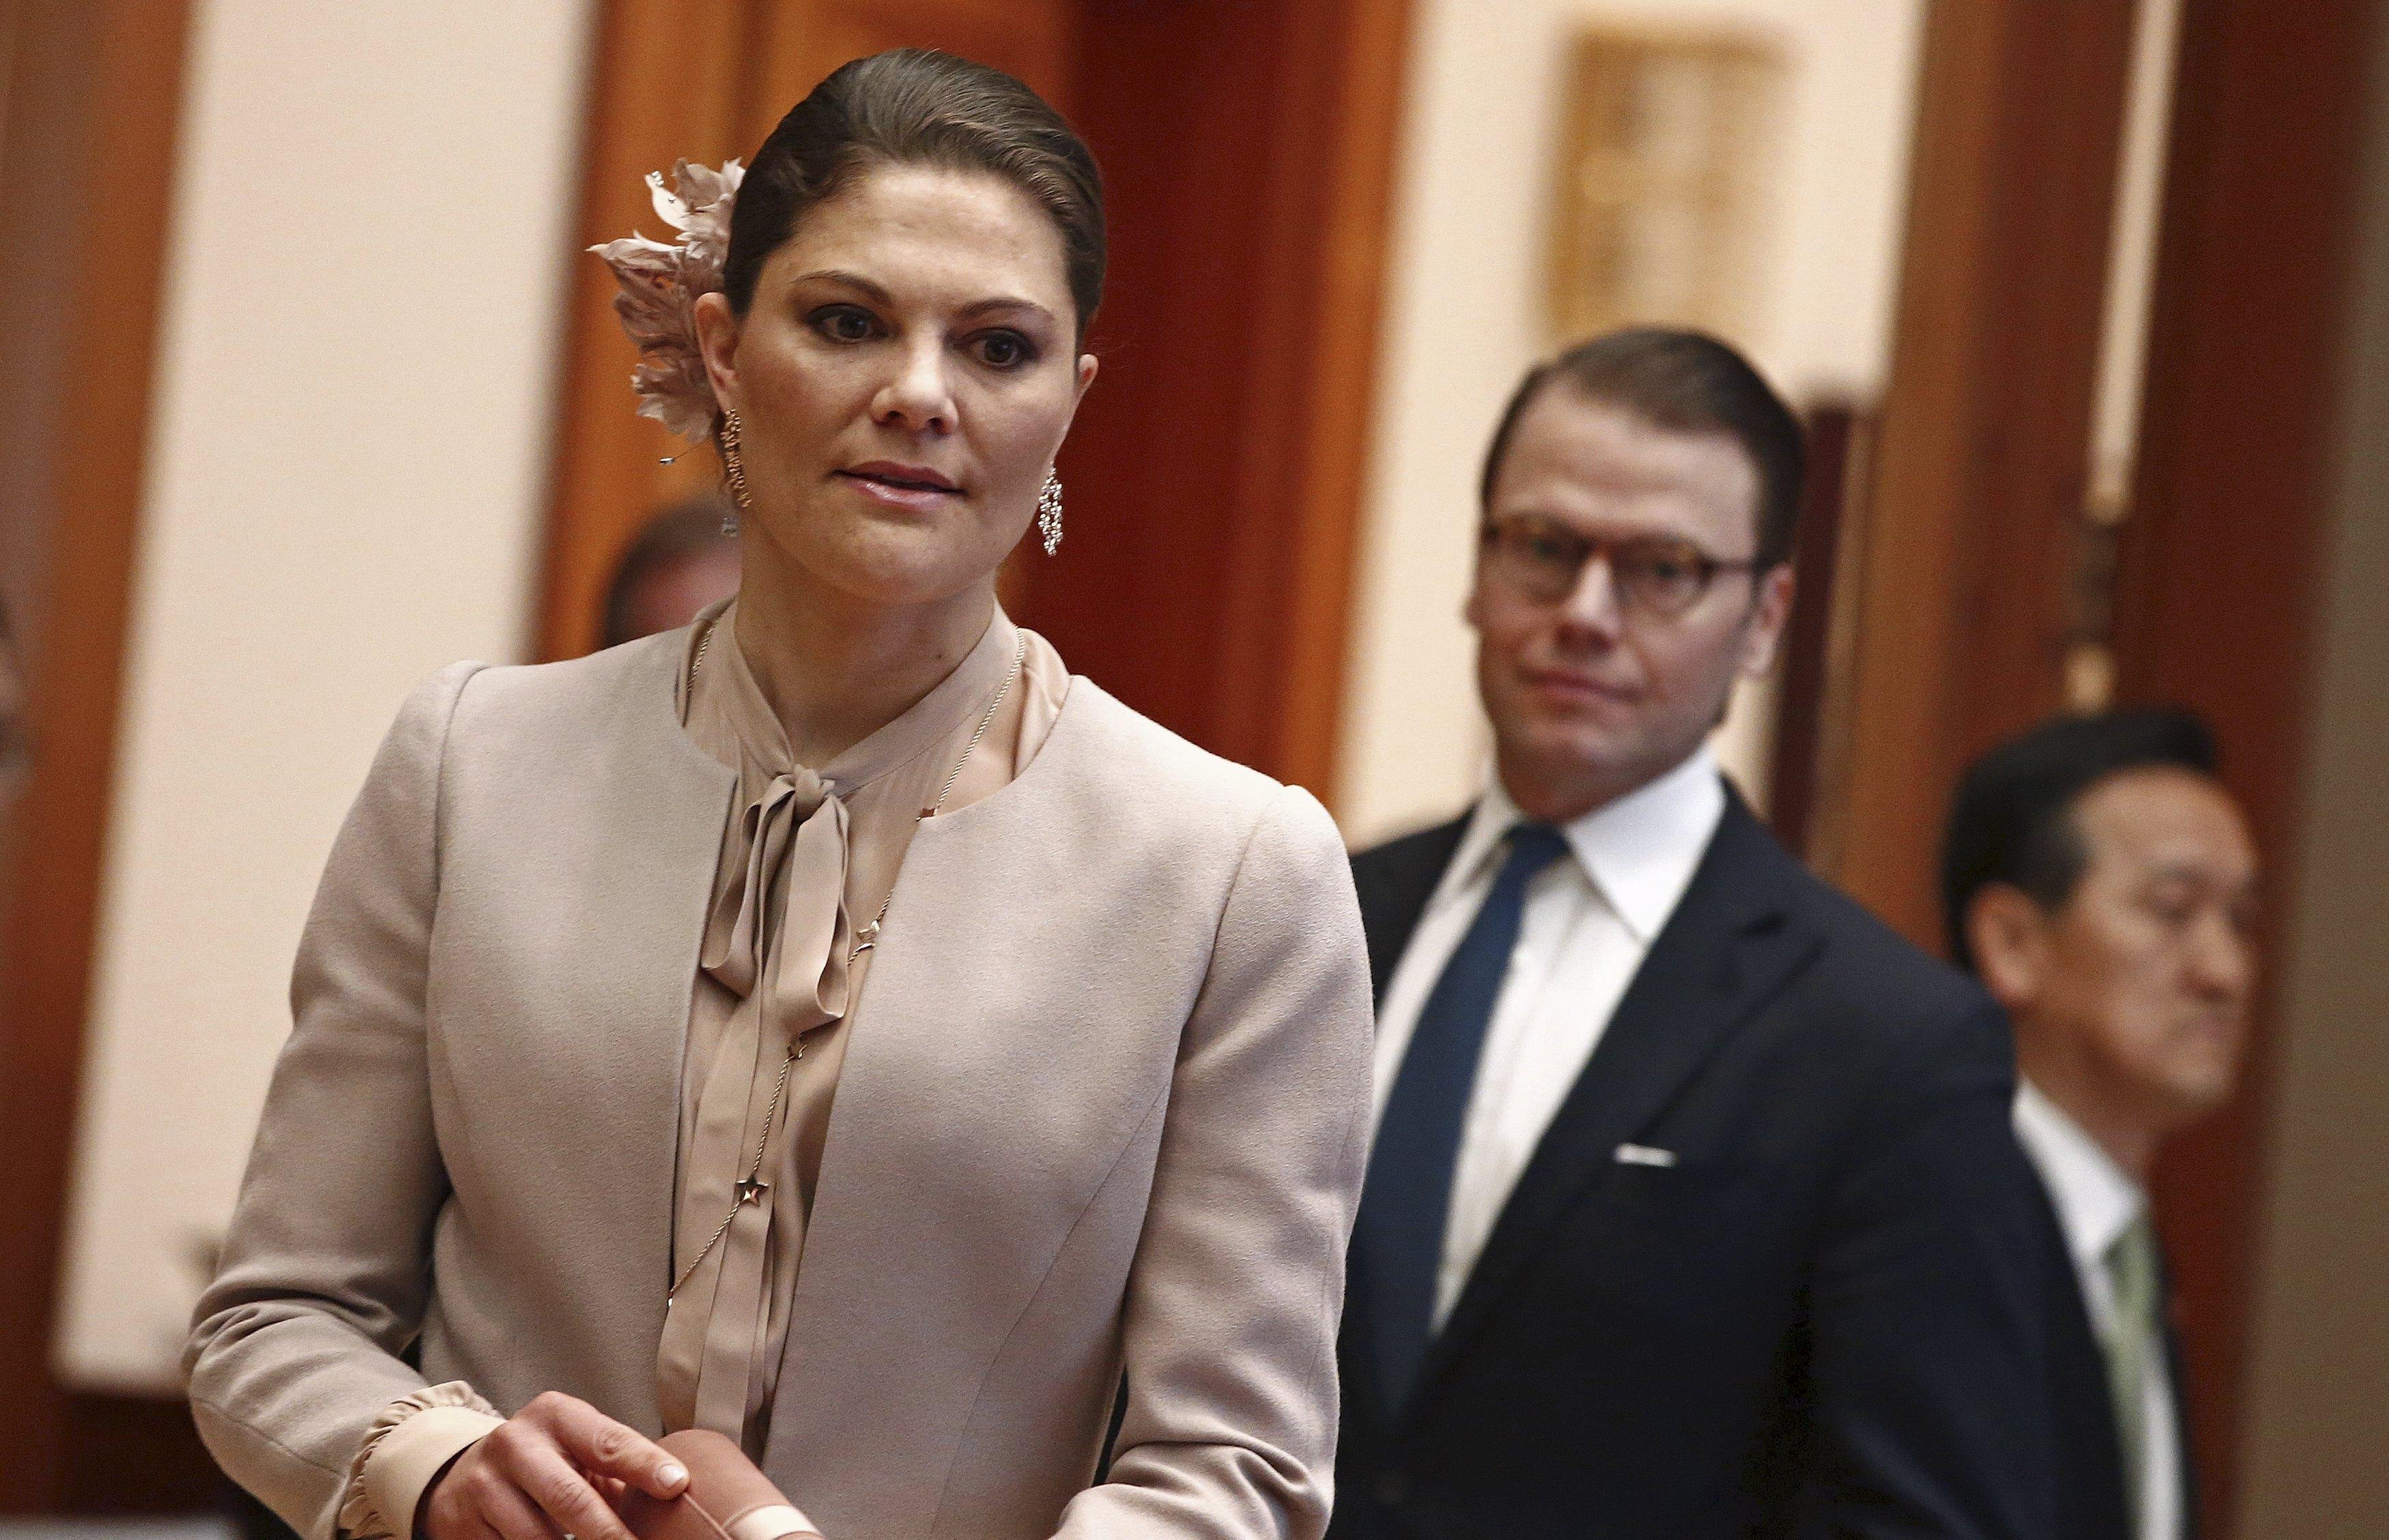 presidenten i finland 2016